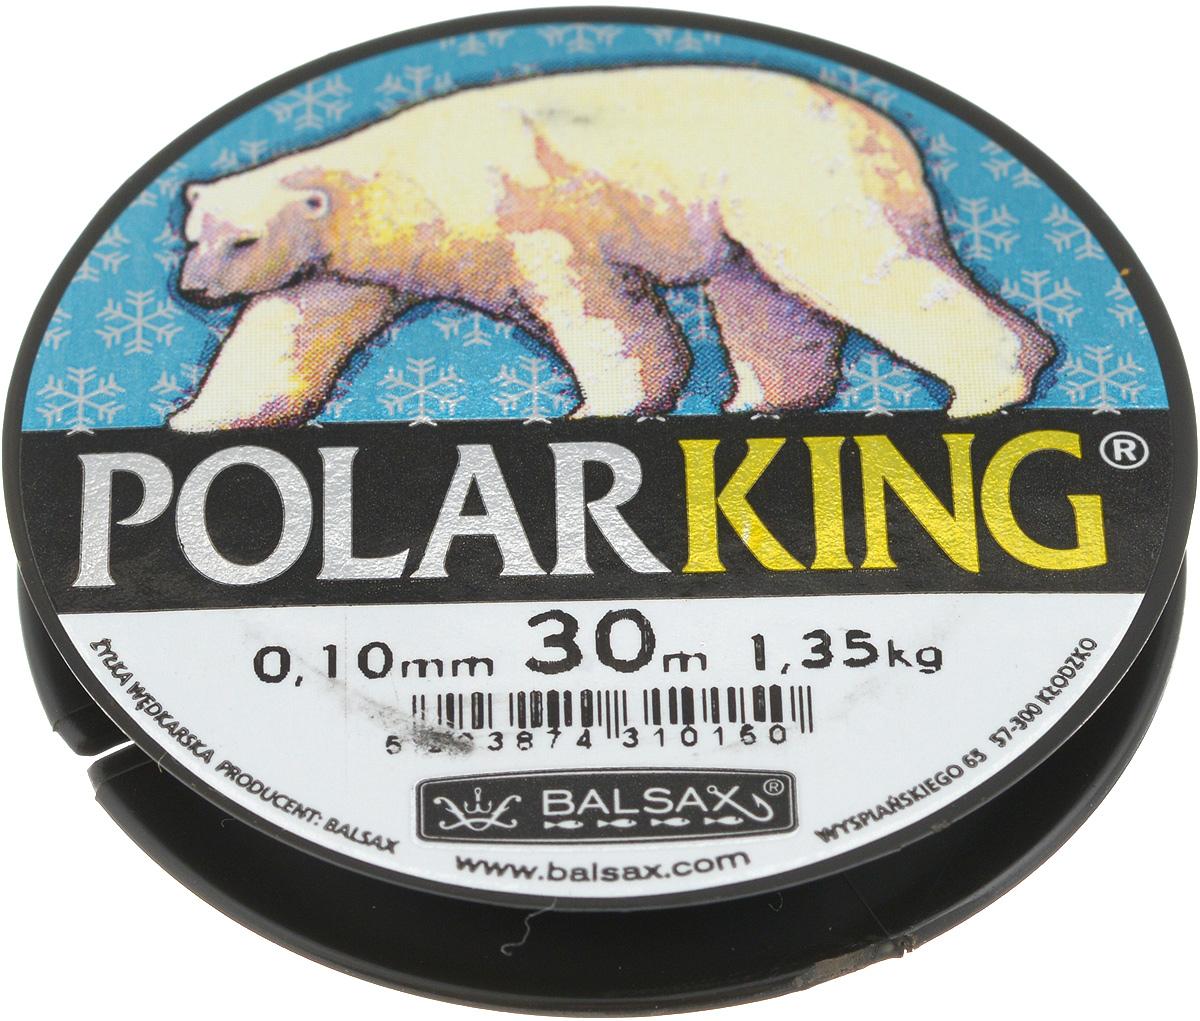 Леска зимняя Balsax Polar King, 30 м, 0,10 мм, 1,35 кг310-13010Леска Balsax Polar King изготовлена из 100% нейлона и очень хорошо выдерживаетнизкие температуры. Даже в самом холодном климате, при температуре вплотьдо -40°C, она сохраняет свои свойствапрактически без изменений, в то время как традиционные лески становятся менееэластичными и теряют прочность. Поверхность лески обработана таким образом, что она не обмерзает и отличноподходит для подледного лова. Прочна вместах вязки узлов даже при минимальном диаметре.